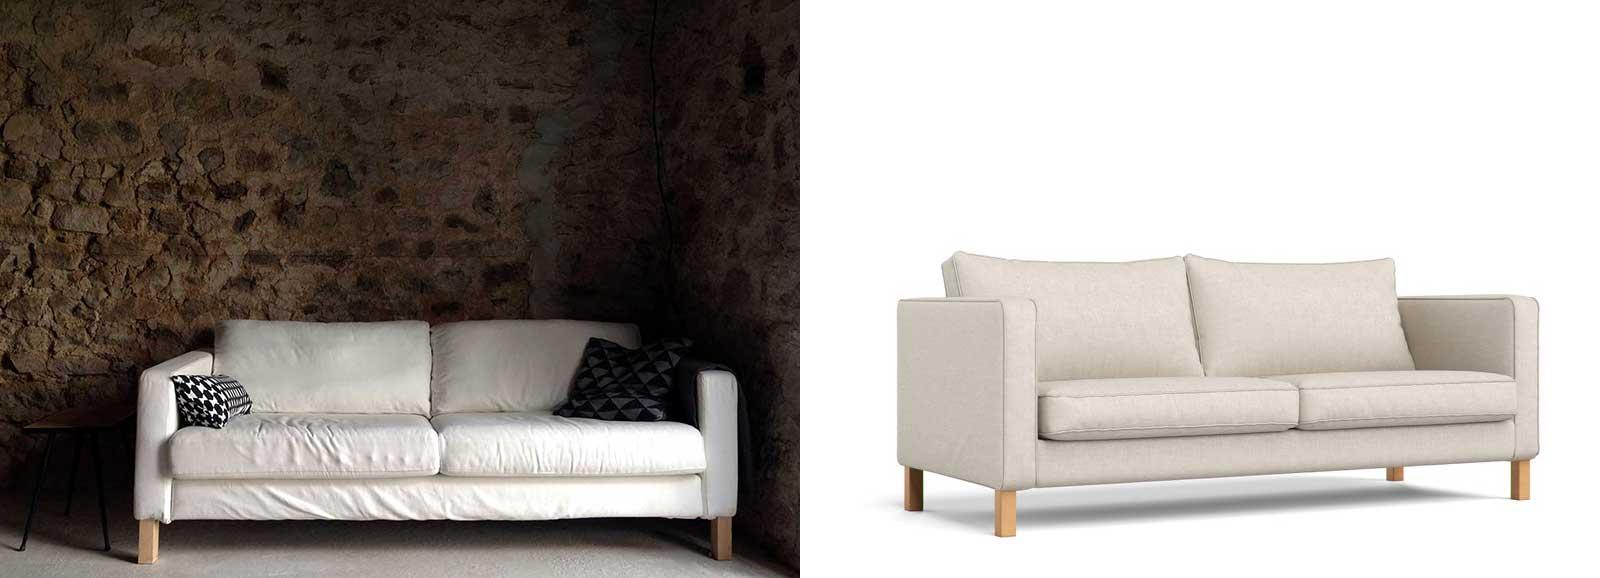 Misc Webzine - Canapé IKEA Hack